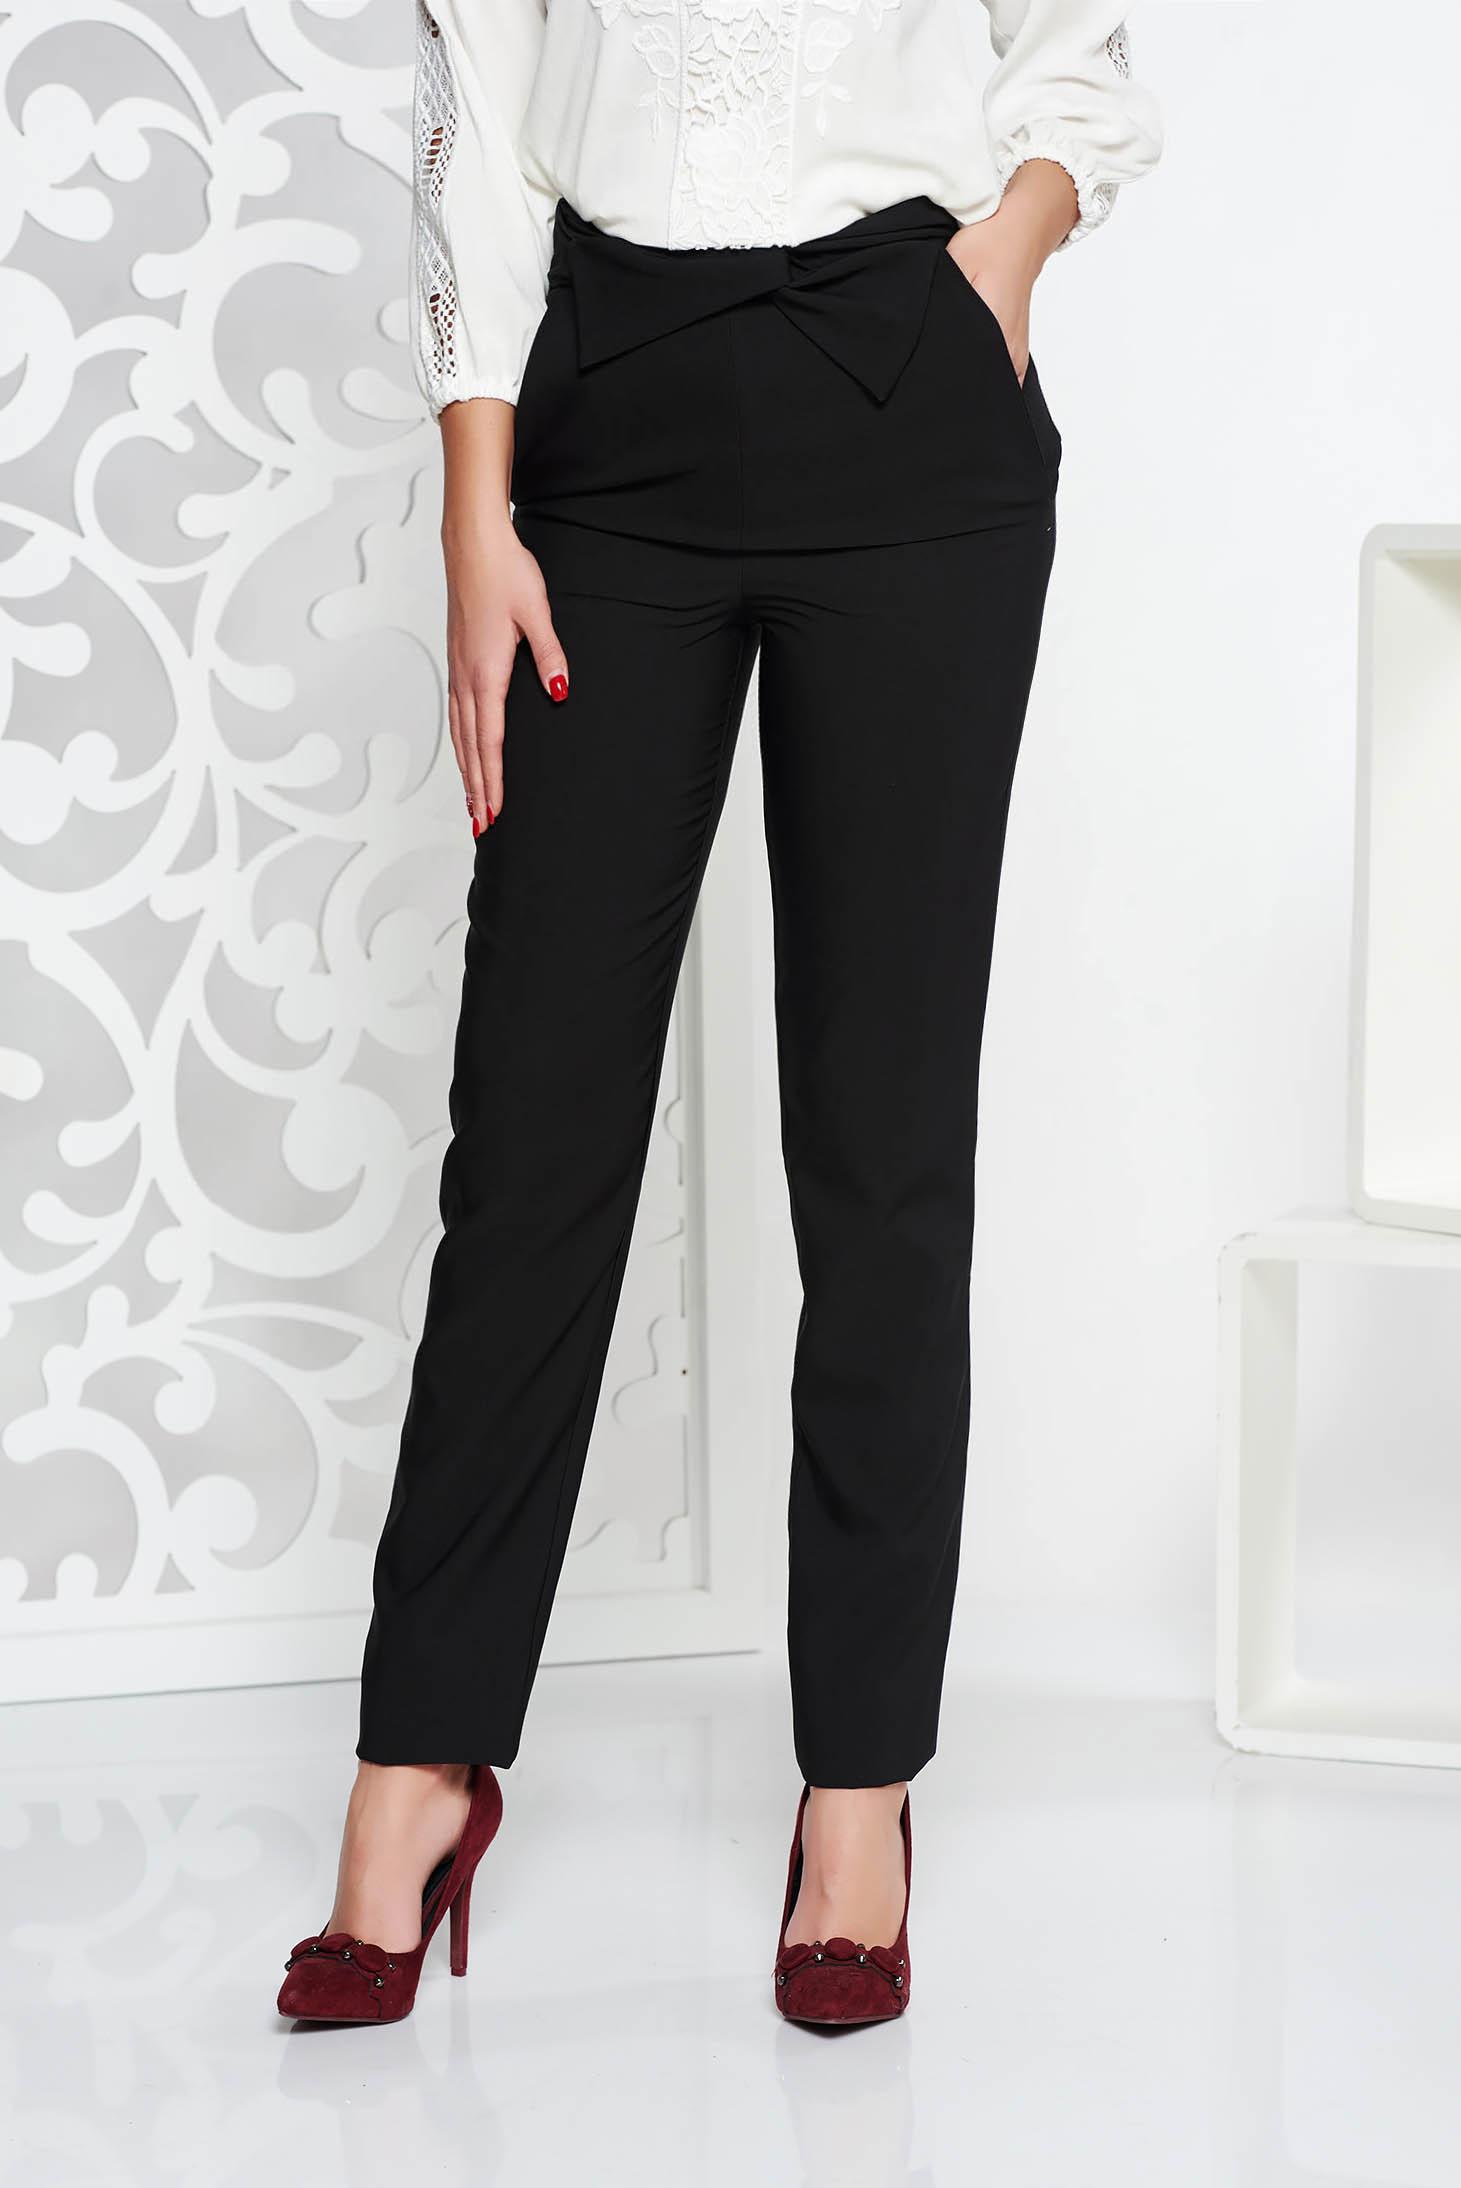 Fekete LaDonna irodai magas derekú nadrág enyhén elasztikus szövet zsebekkel